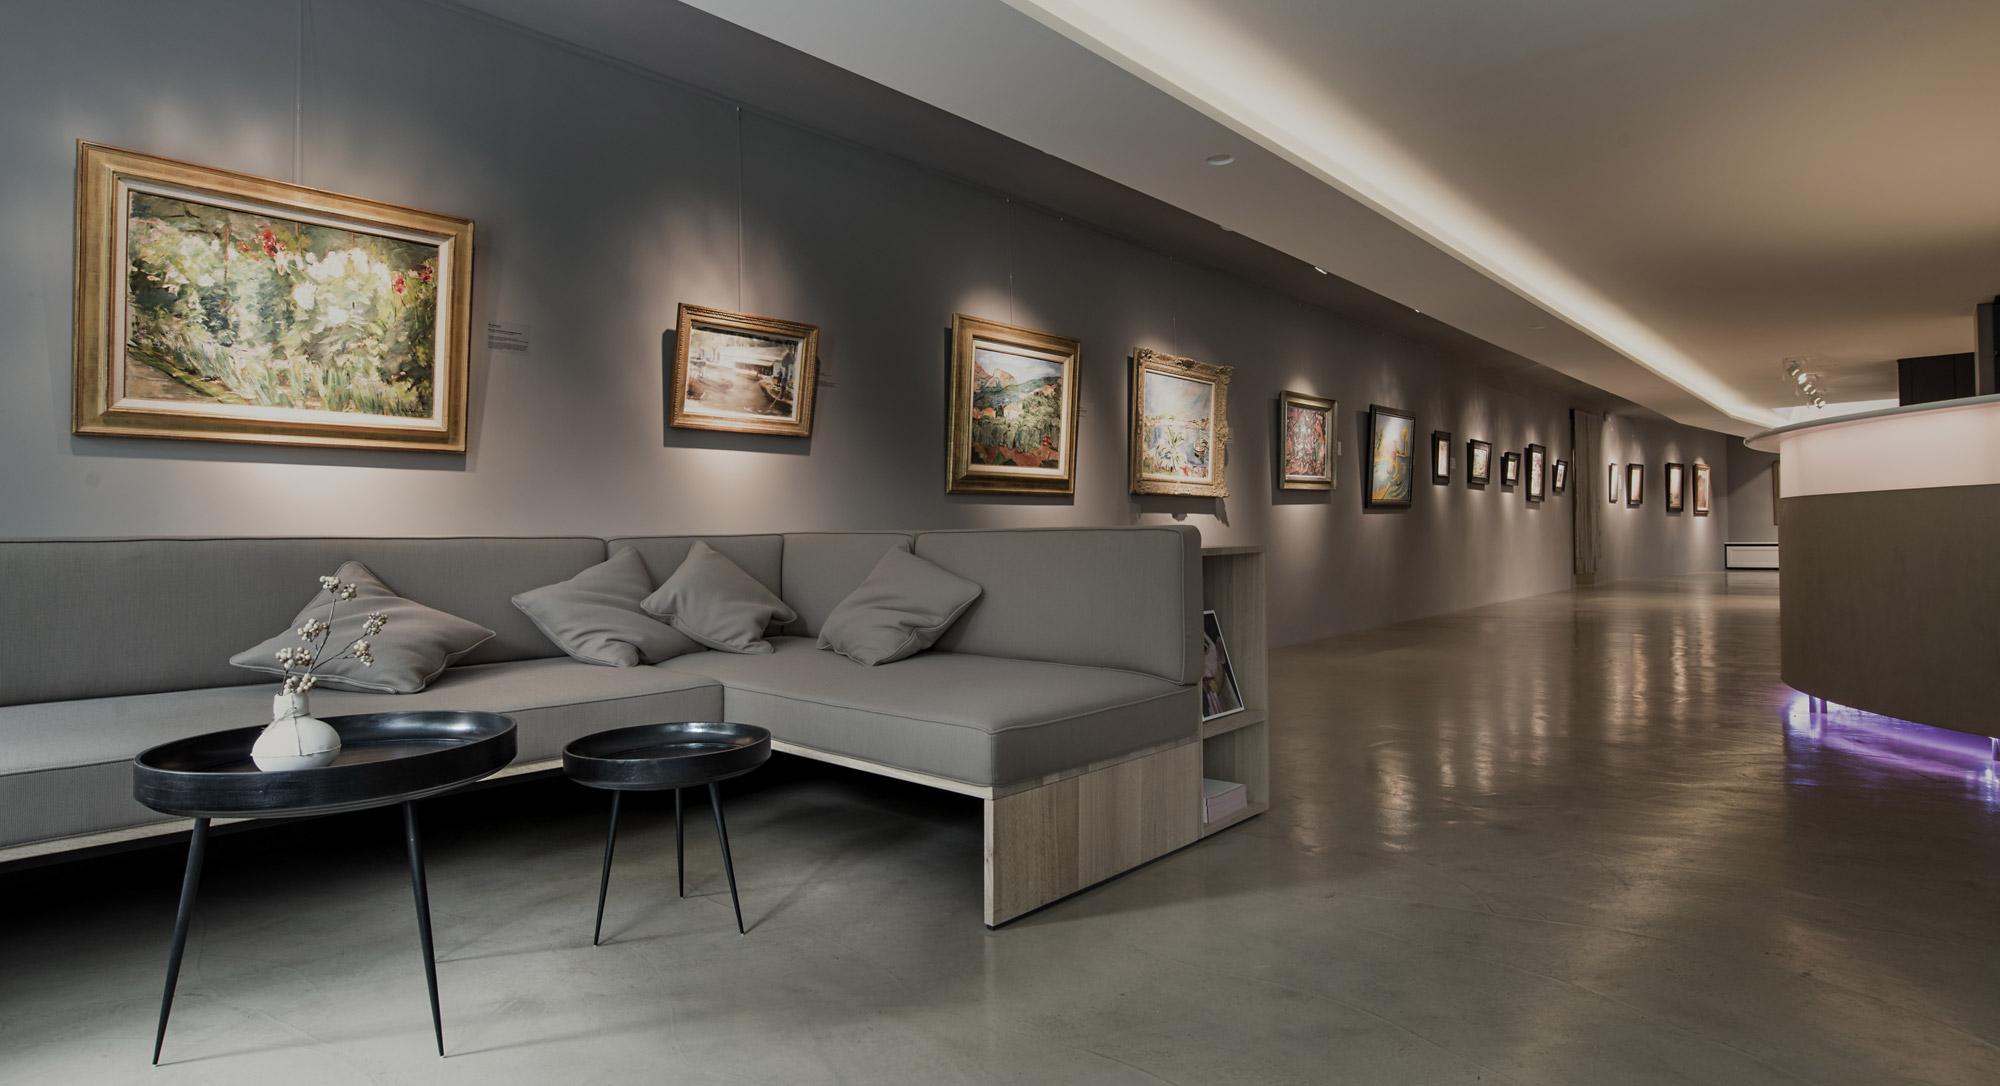 galerie erfahrungen und bewertungen. Black Bedroom Furniture Sets. Home Design Ideas